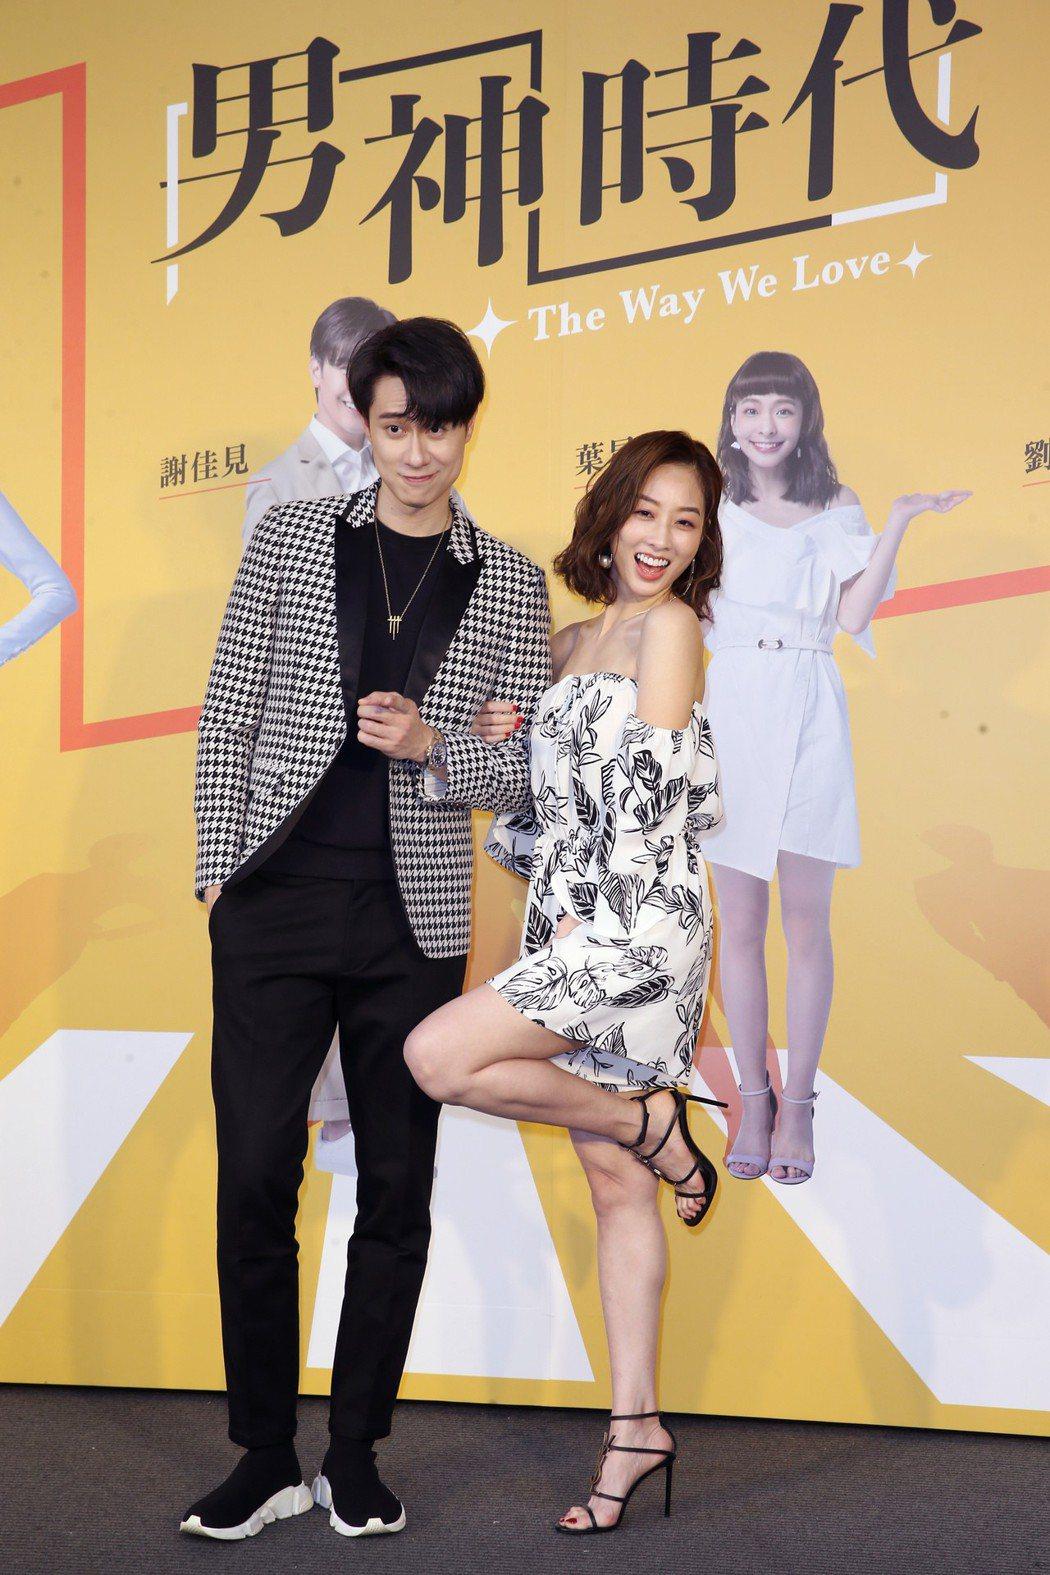 劉書宏(左)、夏語心出席東森新戲《男神時代》卡司發布會。記者徐兆玄/攝影